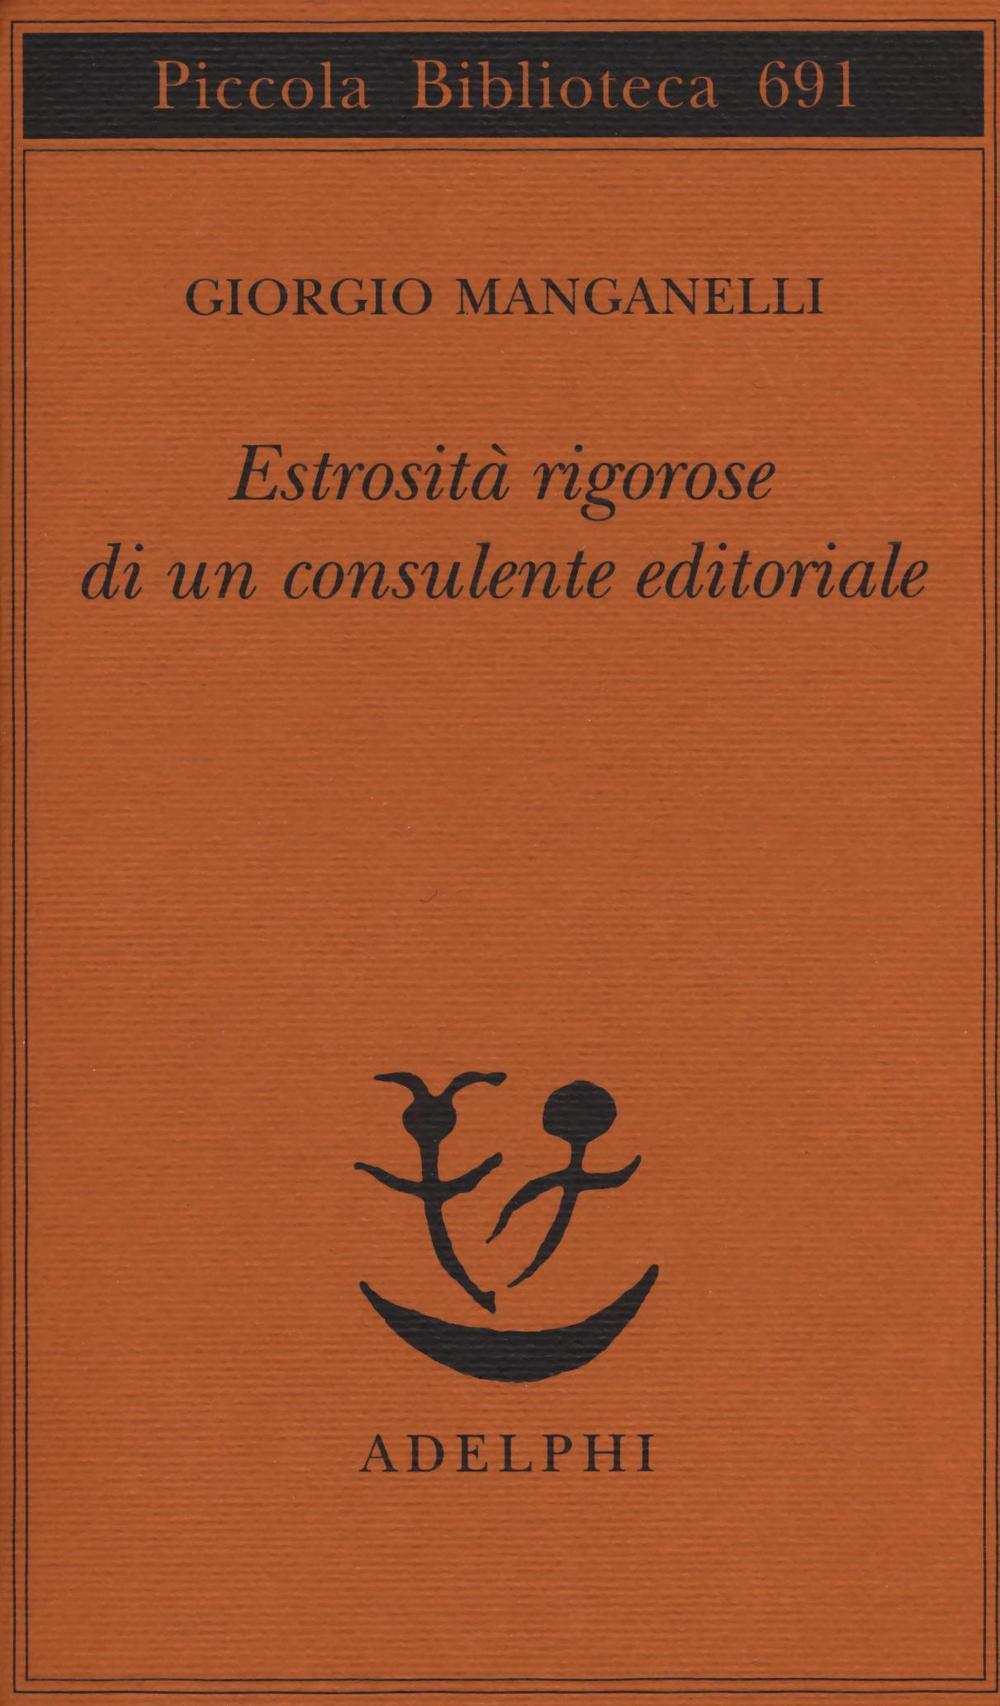 ESTROSITÀ RIGOROSE DI UN CONSULENTE EDITORIALE - 9788845930836